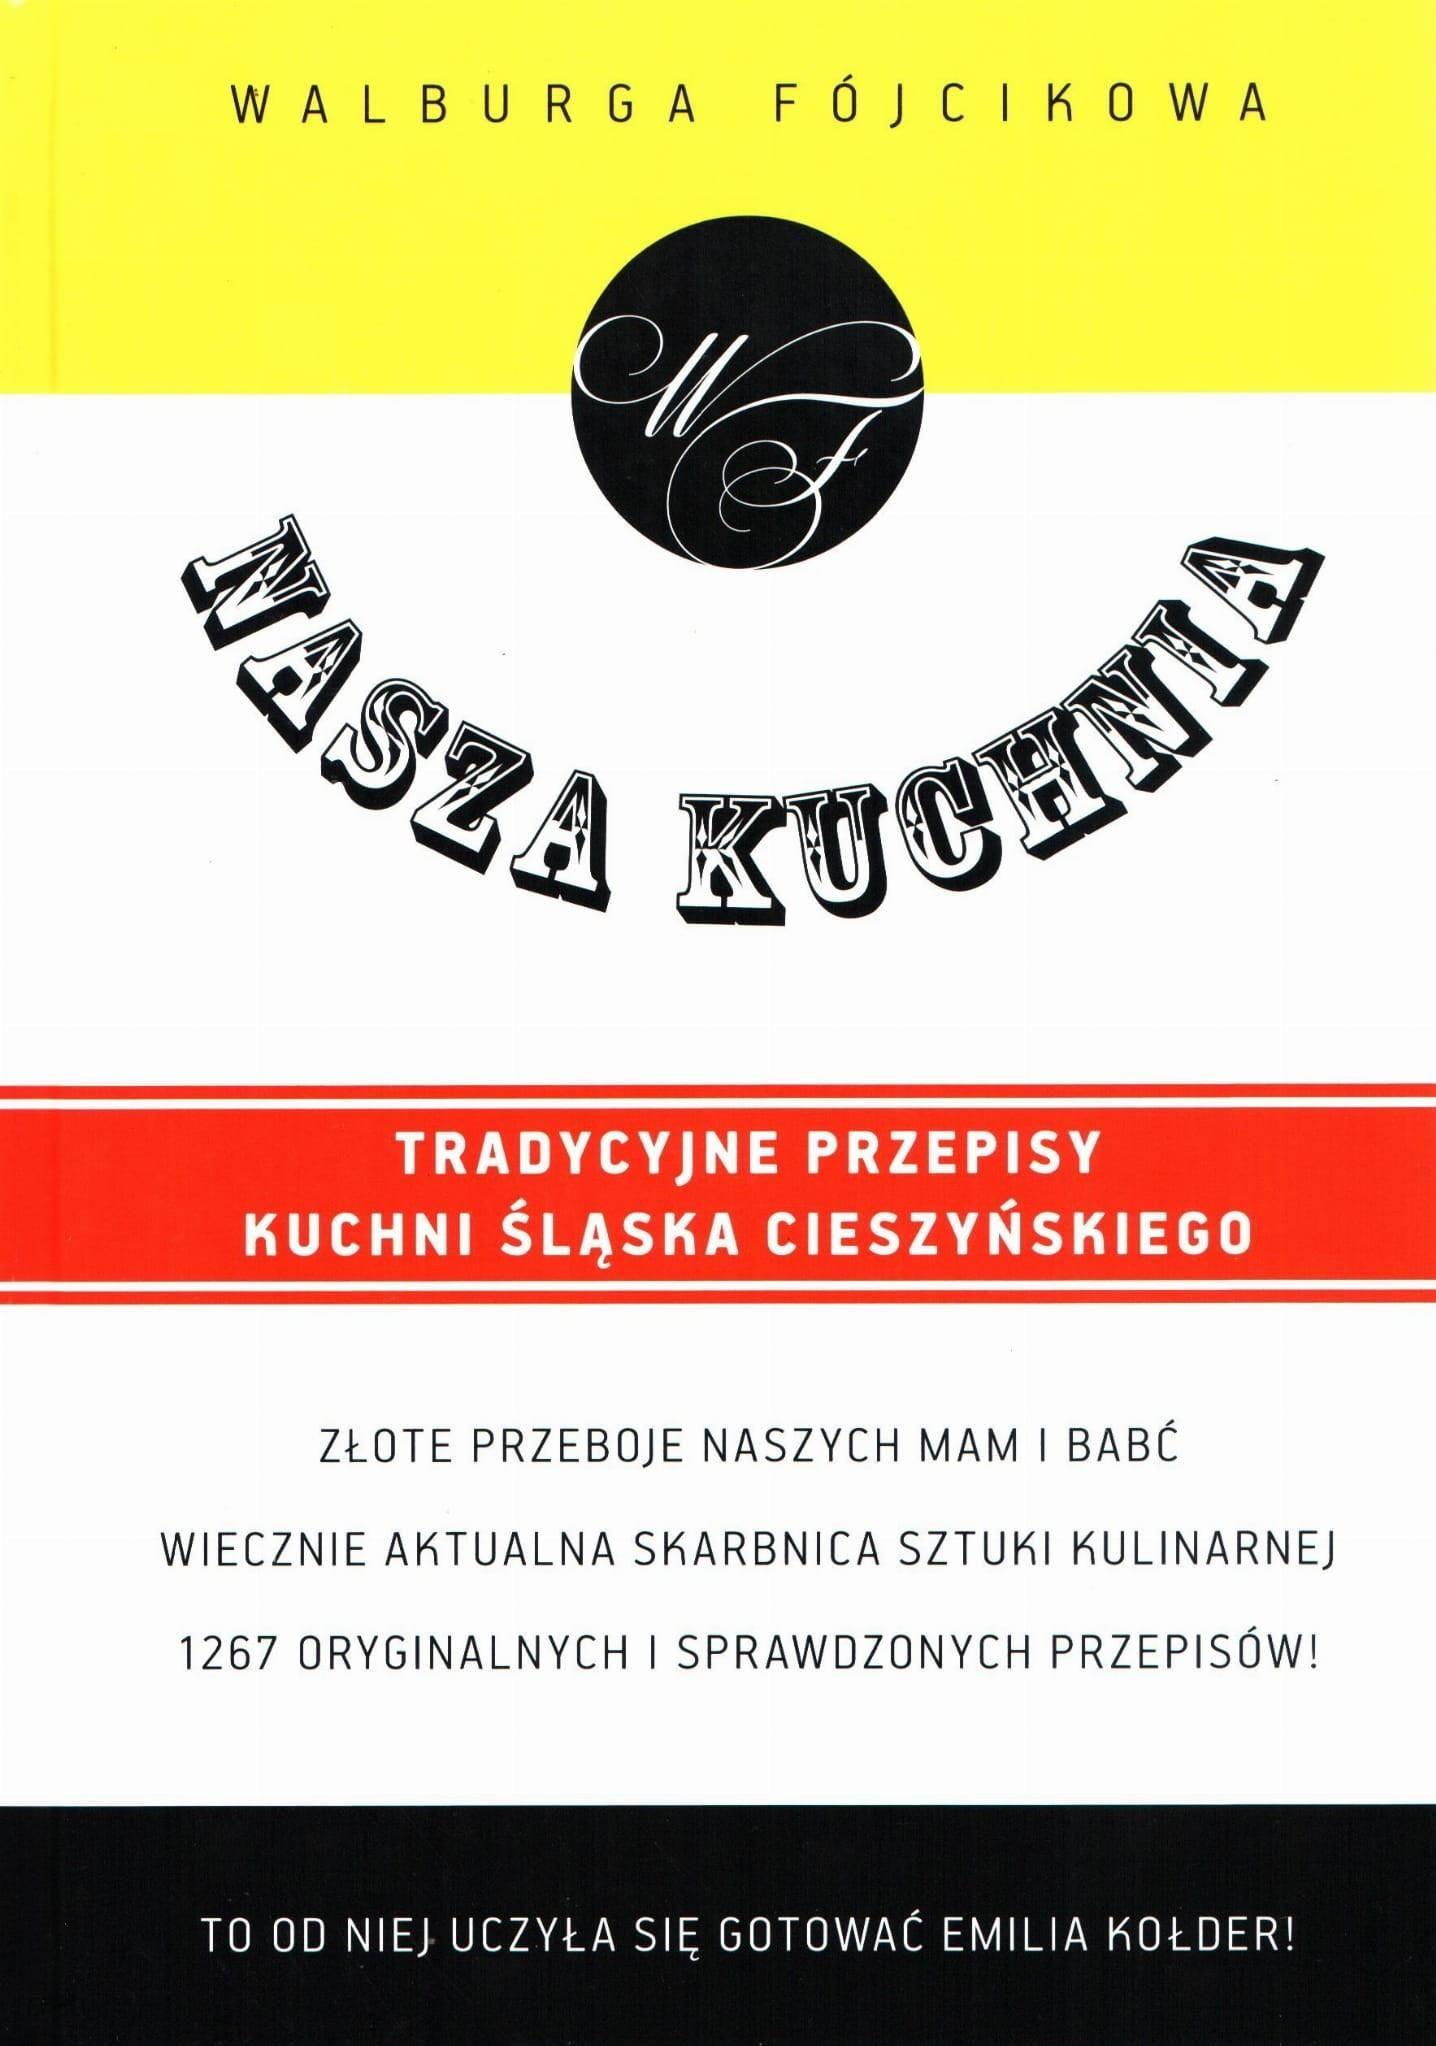 Gotujemy Po Naszymu Tradycyjne Przepisy Kuchni śląska Cieszyńskiego